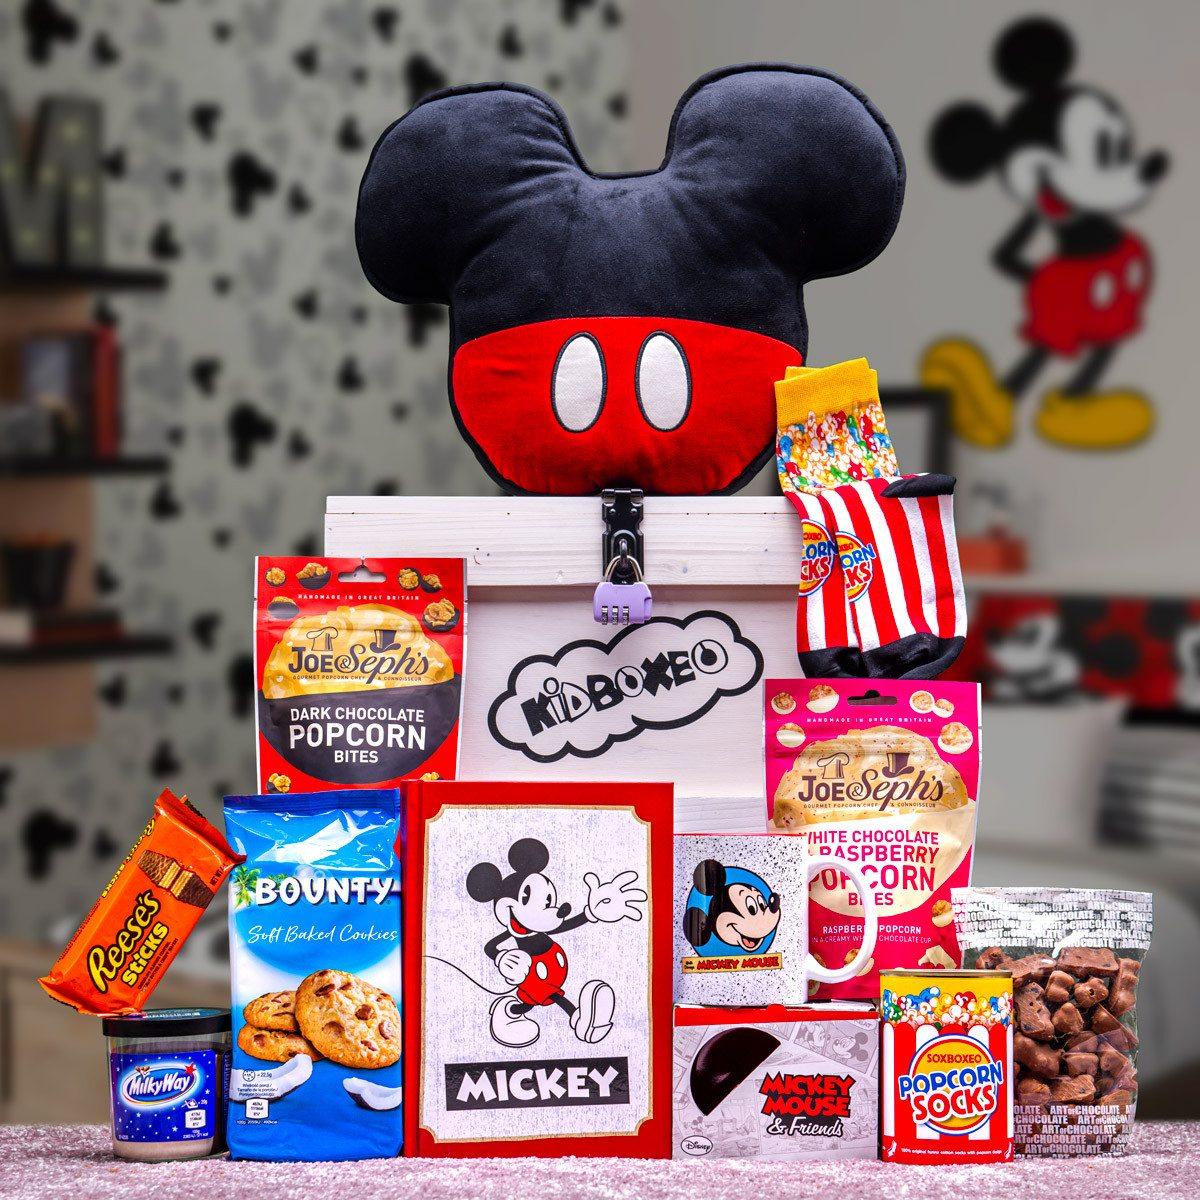 Dívčí Kidboxeo s Mickey Mousem